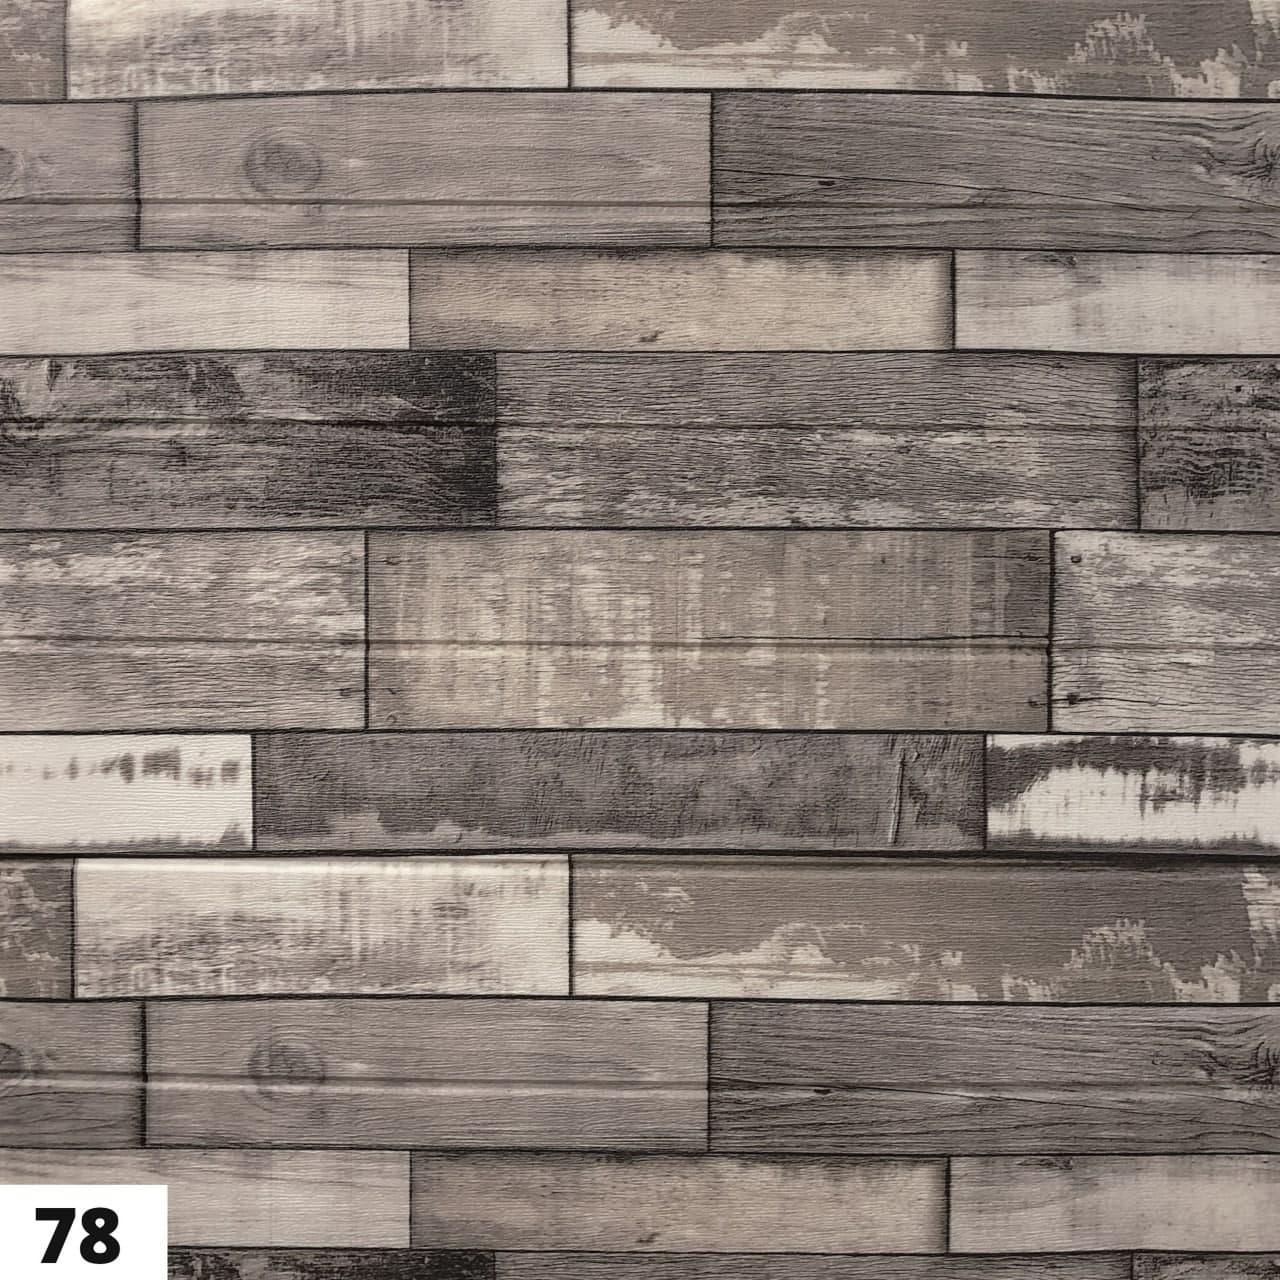 Новинка! Декоративные 3Д панели самоклеющиеся, стеновые 3d панели под дерево, Пепельное Дерево